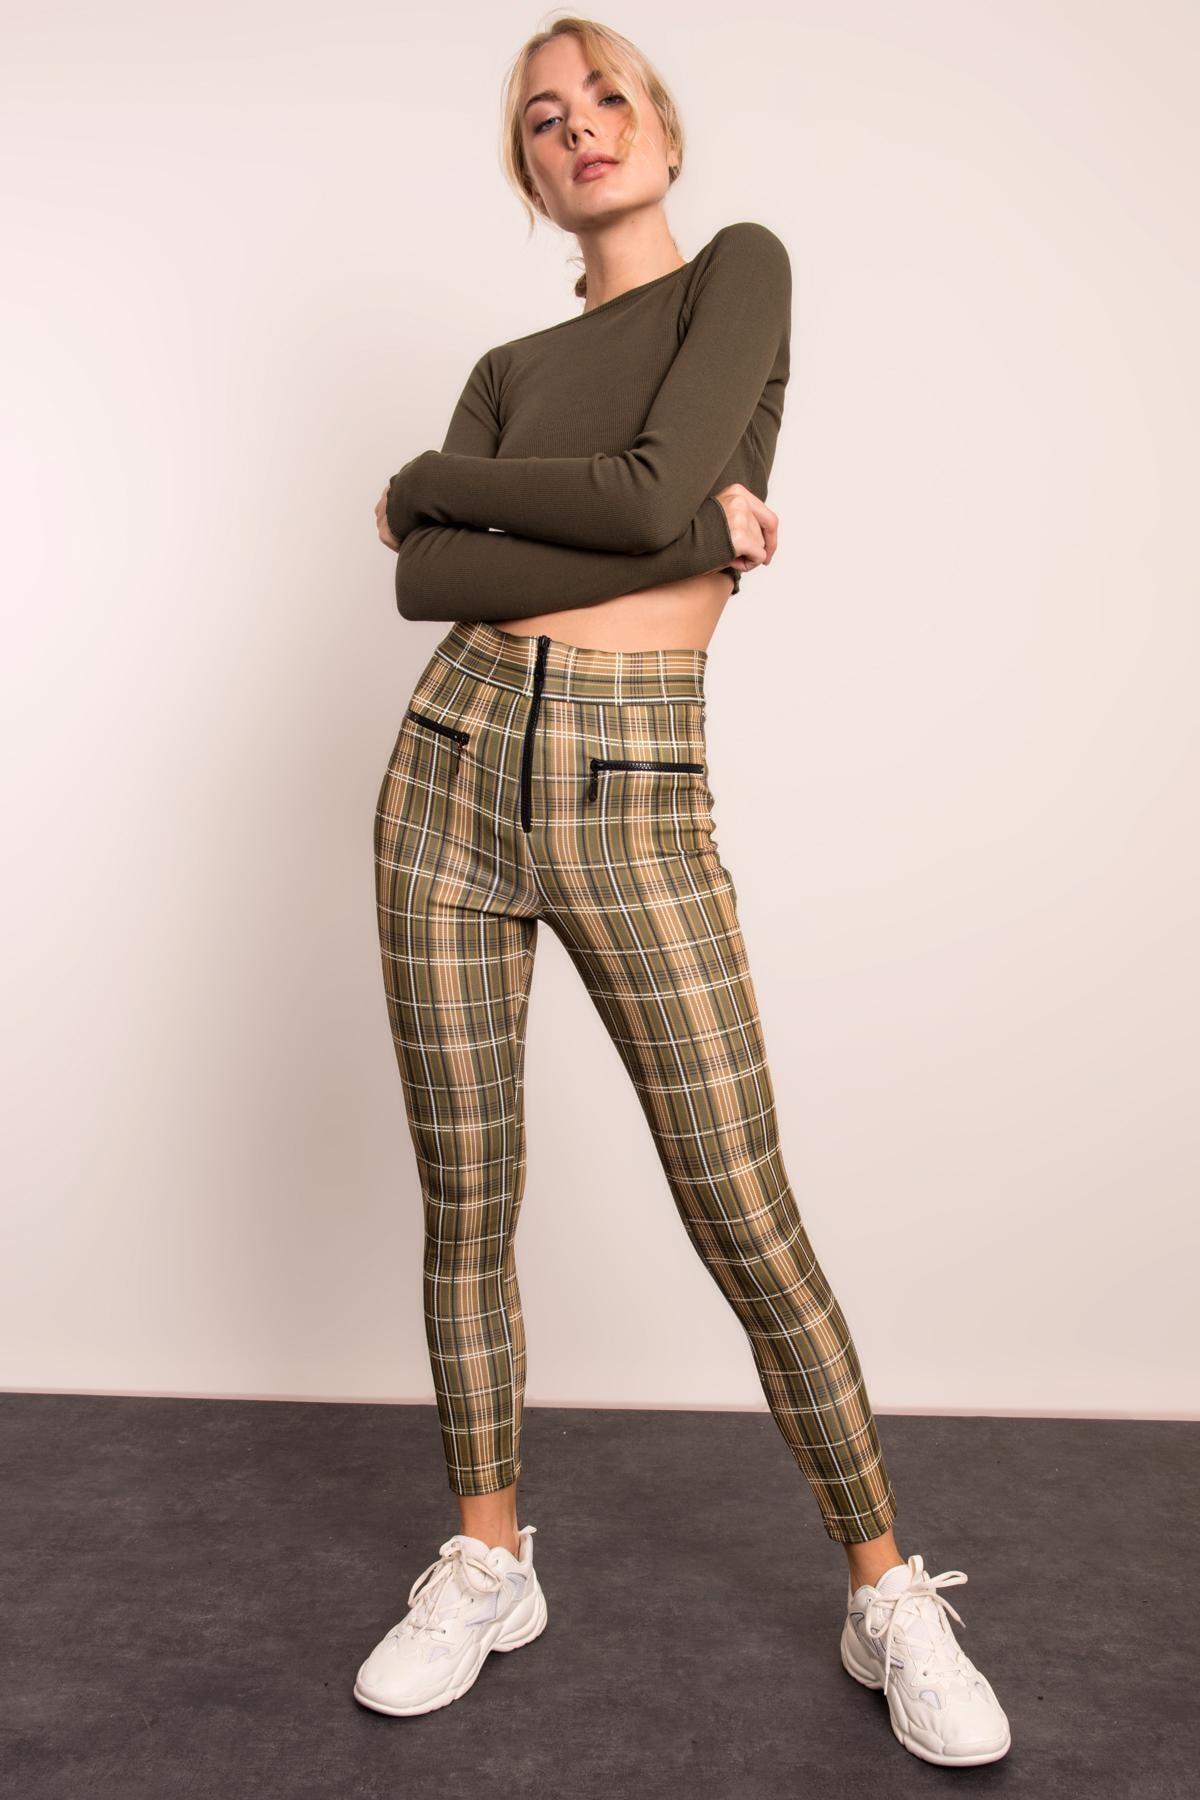 BSL Kadın Haki Yüksek Bel Fermuar Detaylı Dar Paça Pantolon 2